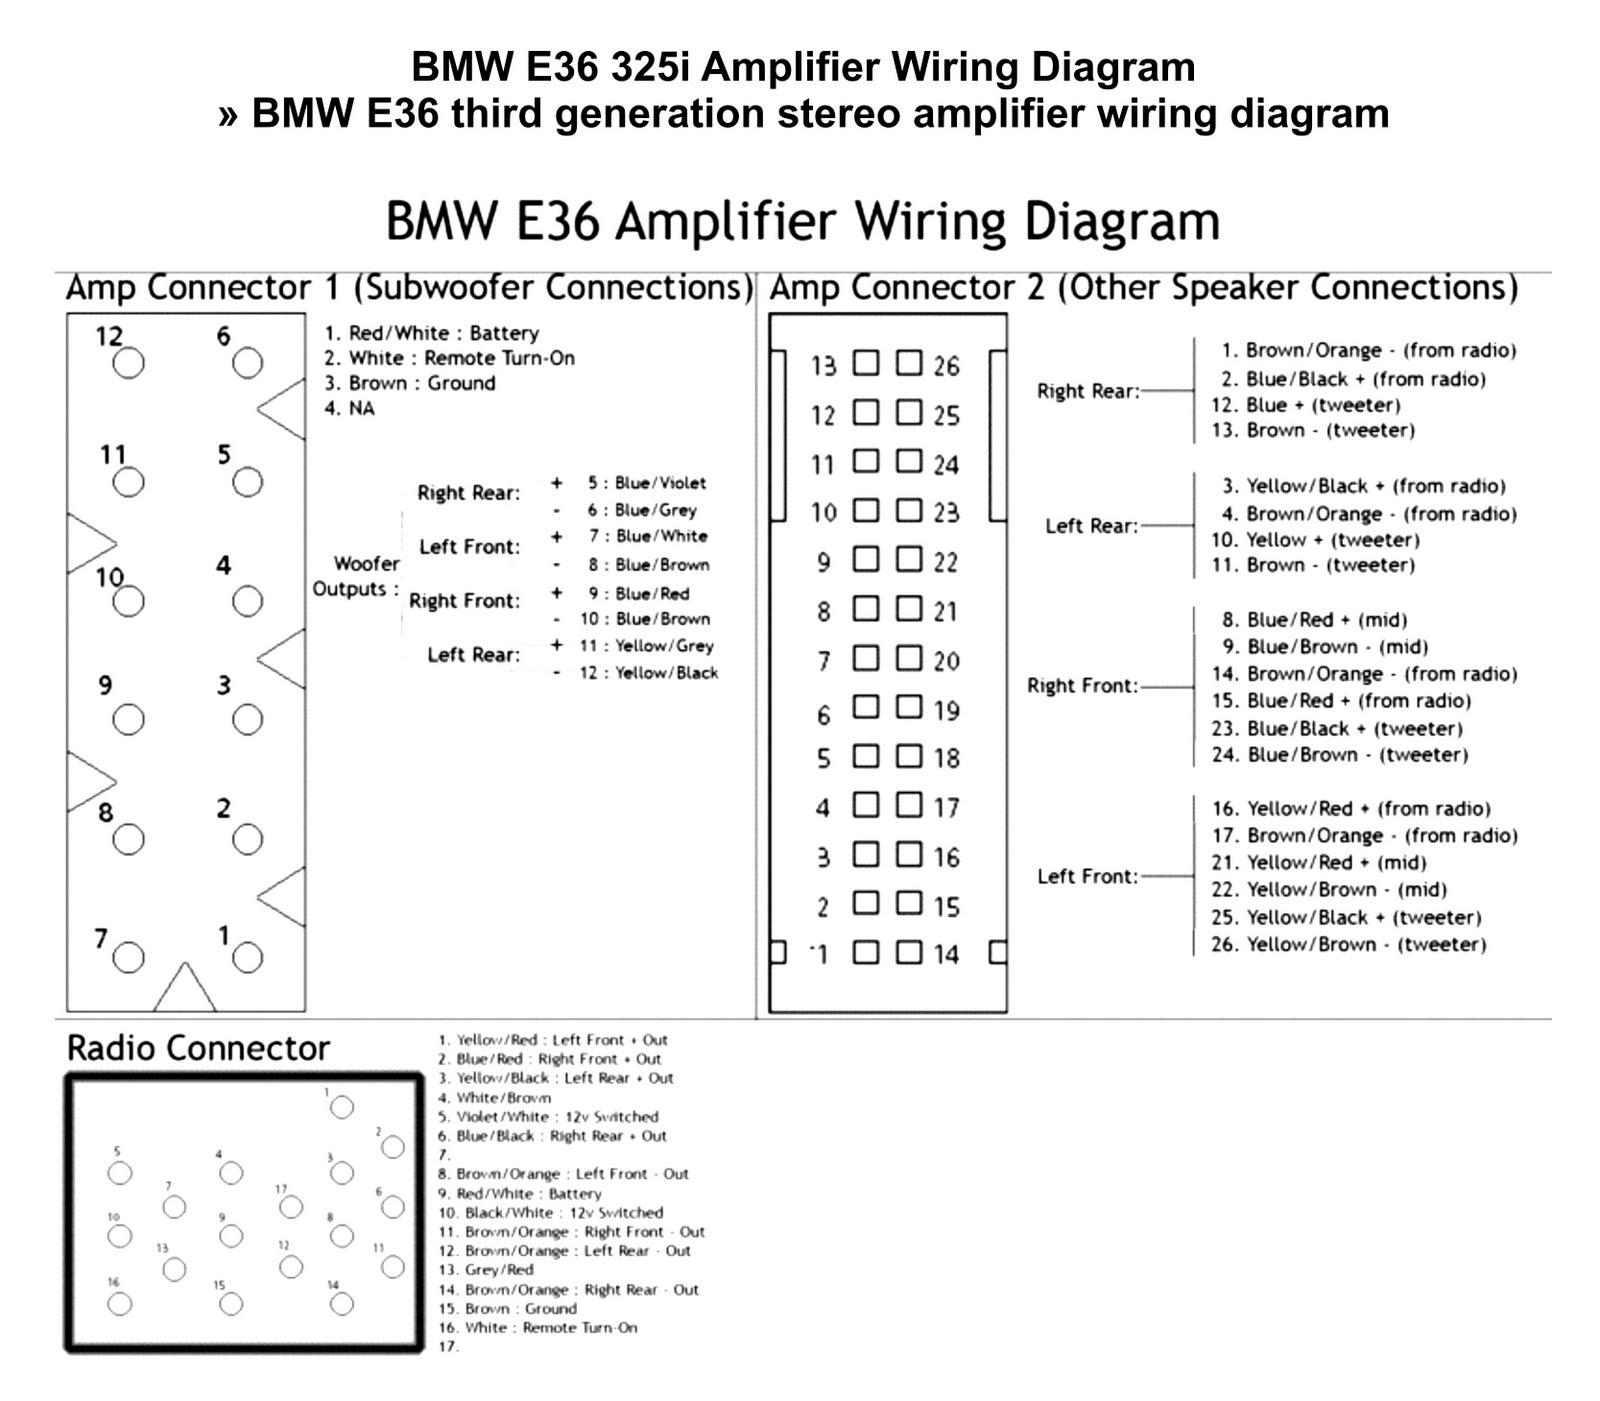 2003 Bmw Z4 Headlight Wiring Diagram Electrical 2004 X3 Radio Harness Product Diagrams U2022